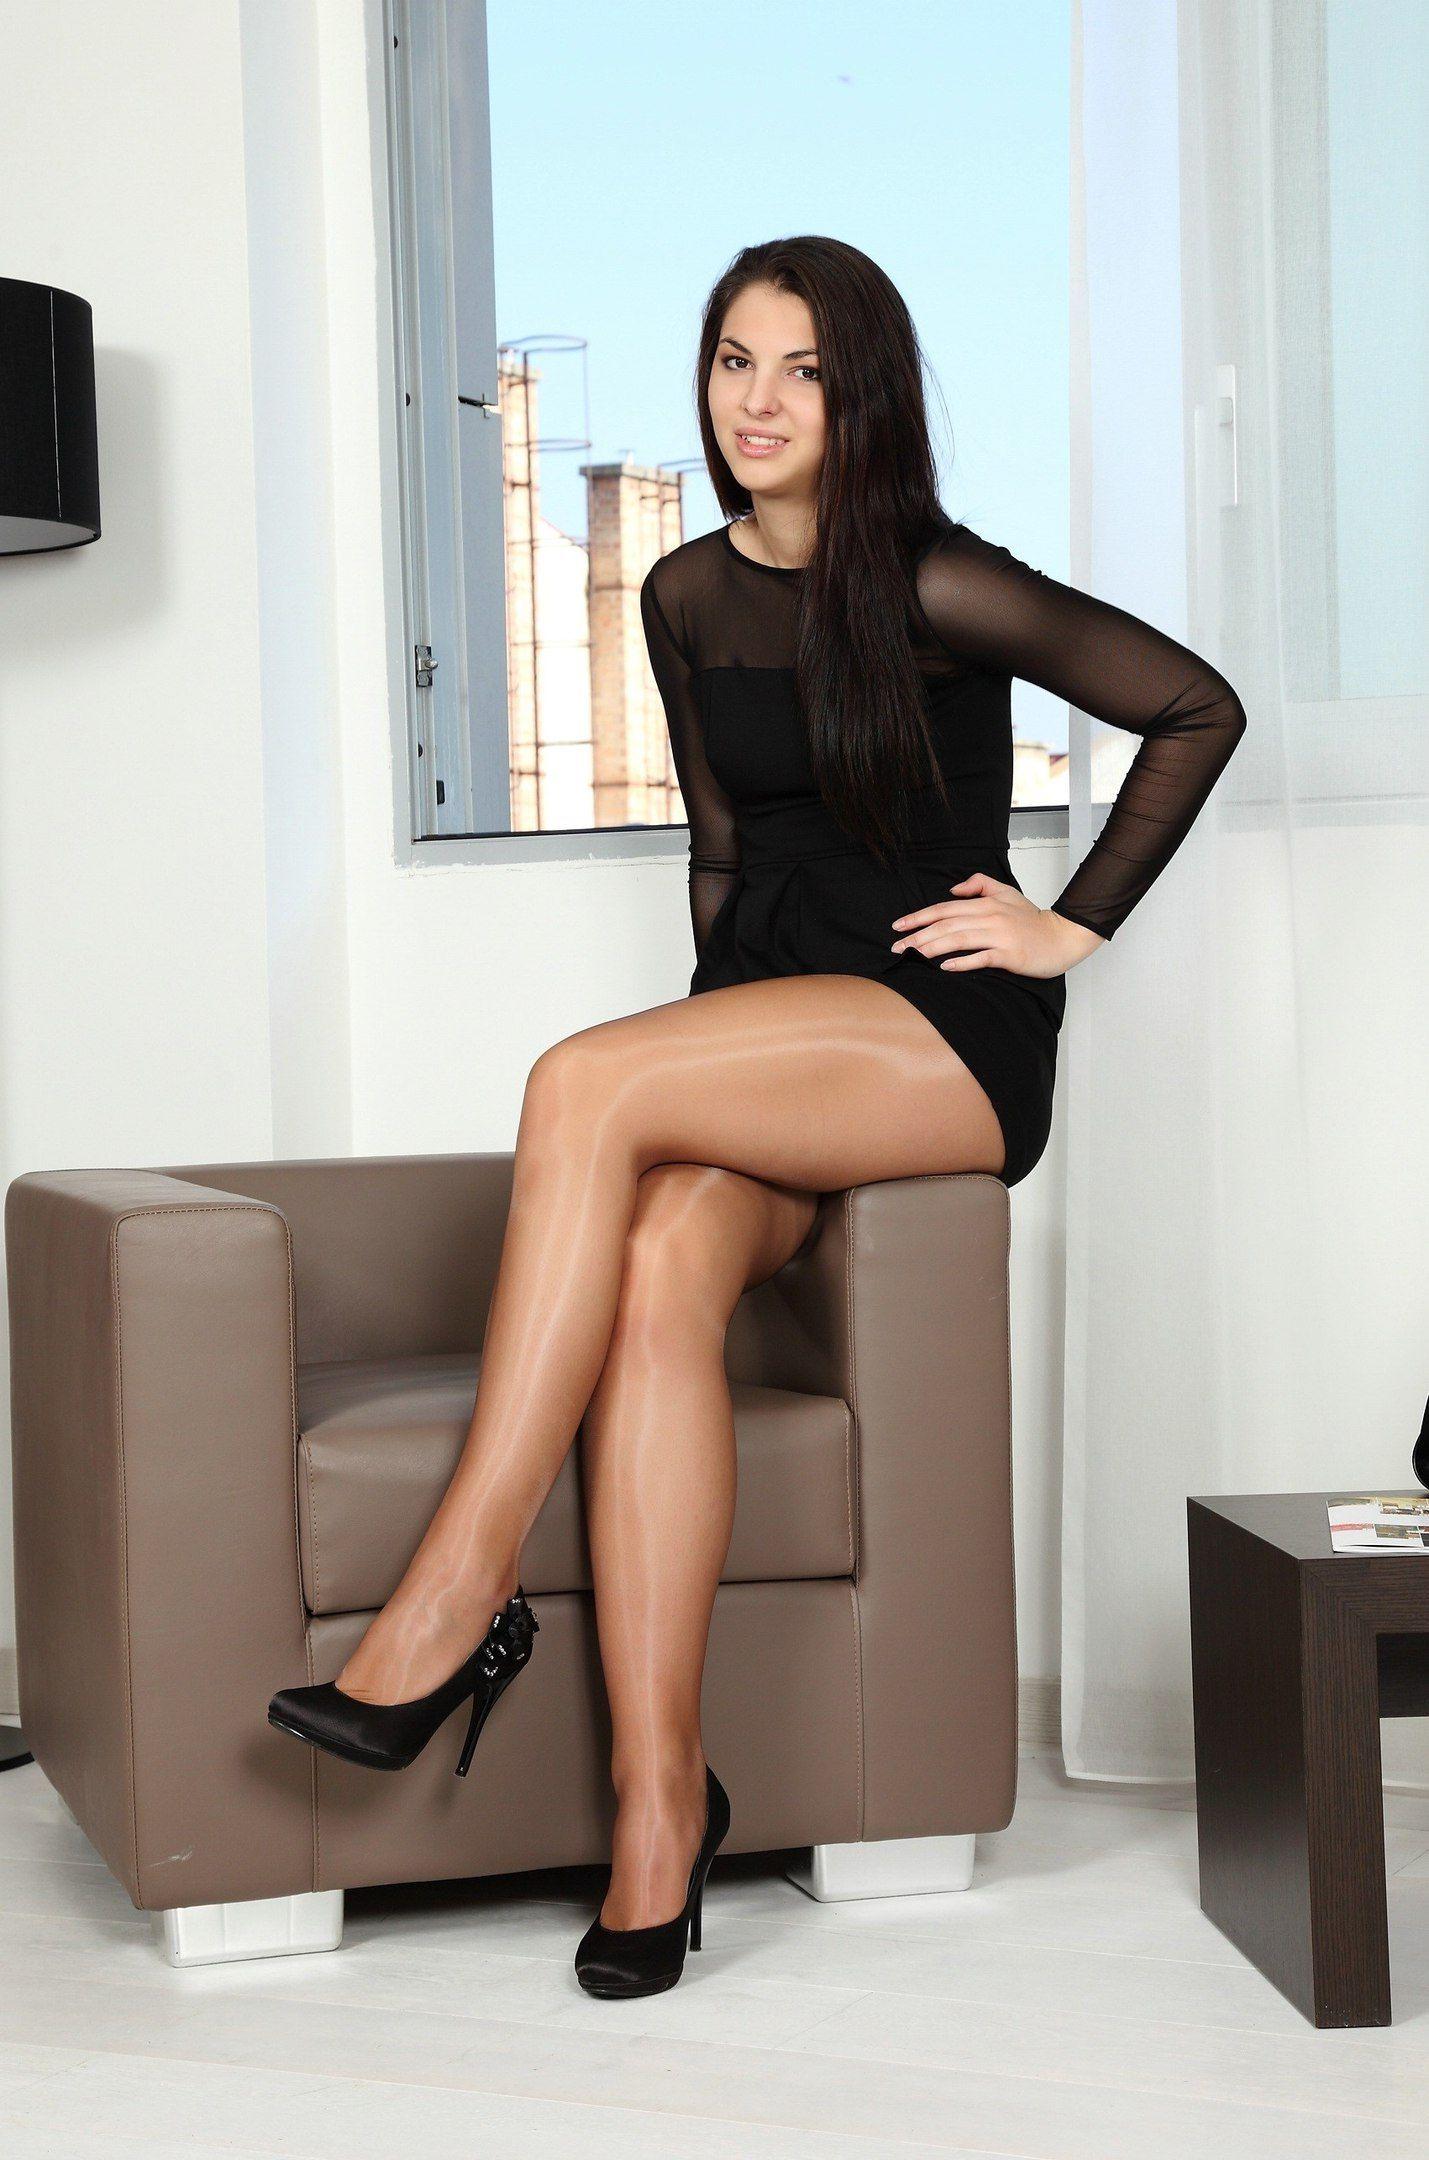 Nice legs in pantyhose